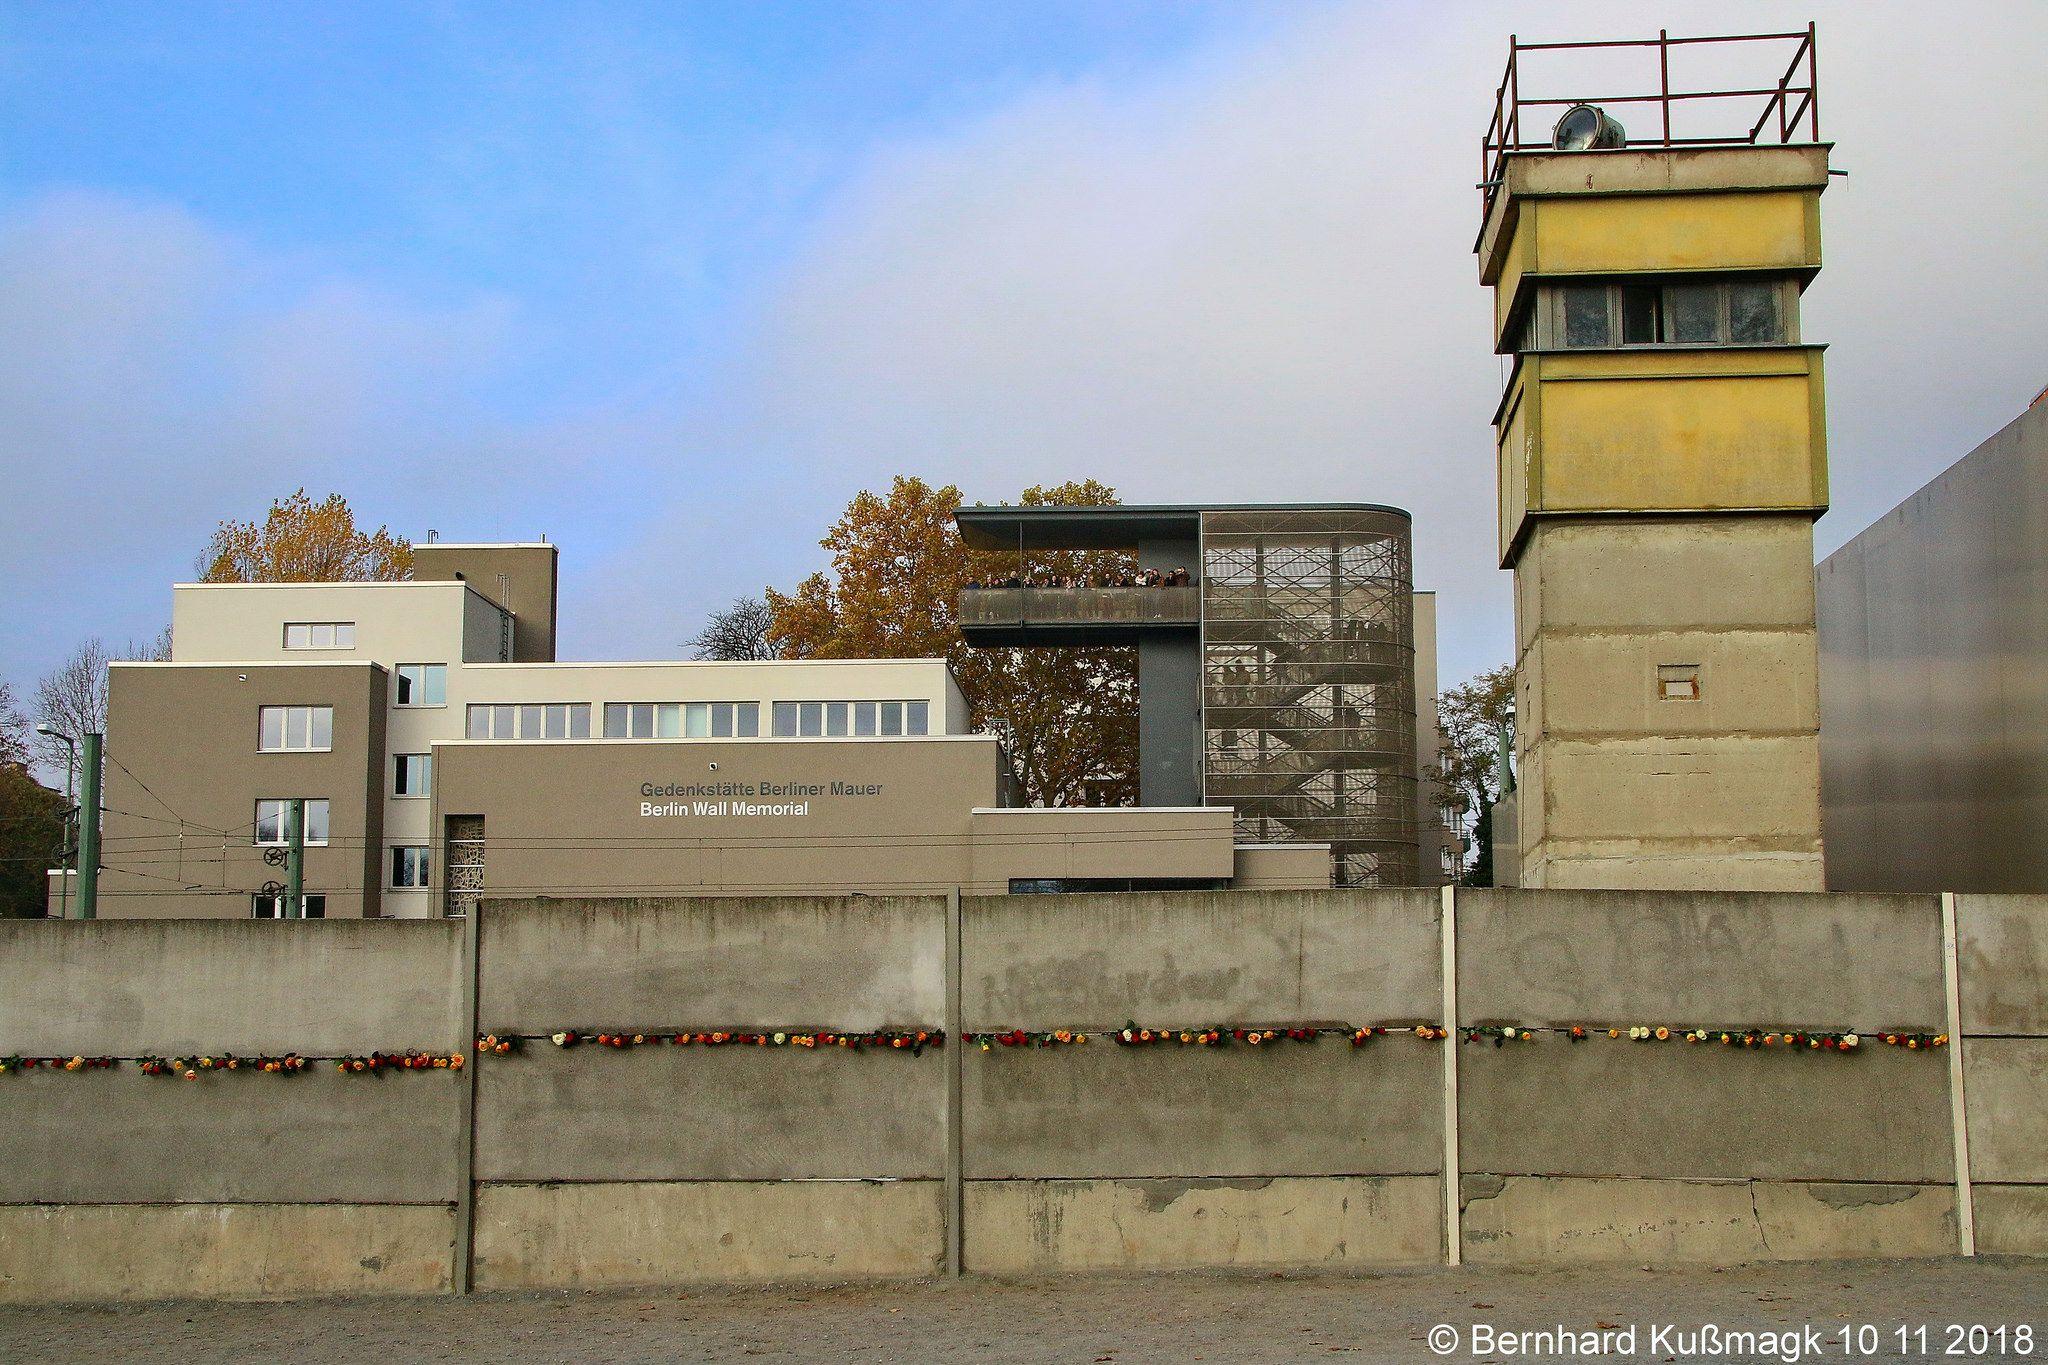 Europa Deutschland Berlin Mitte Bernauer Strasse Nahe Ecke Ackerstrasse Gedenkstatte Berliner Mauer House Styles Mansions Building